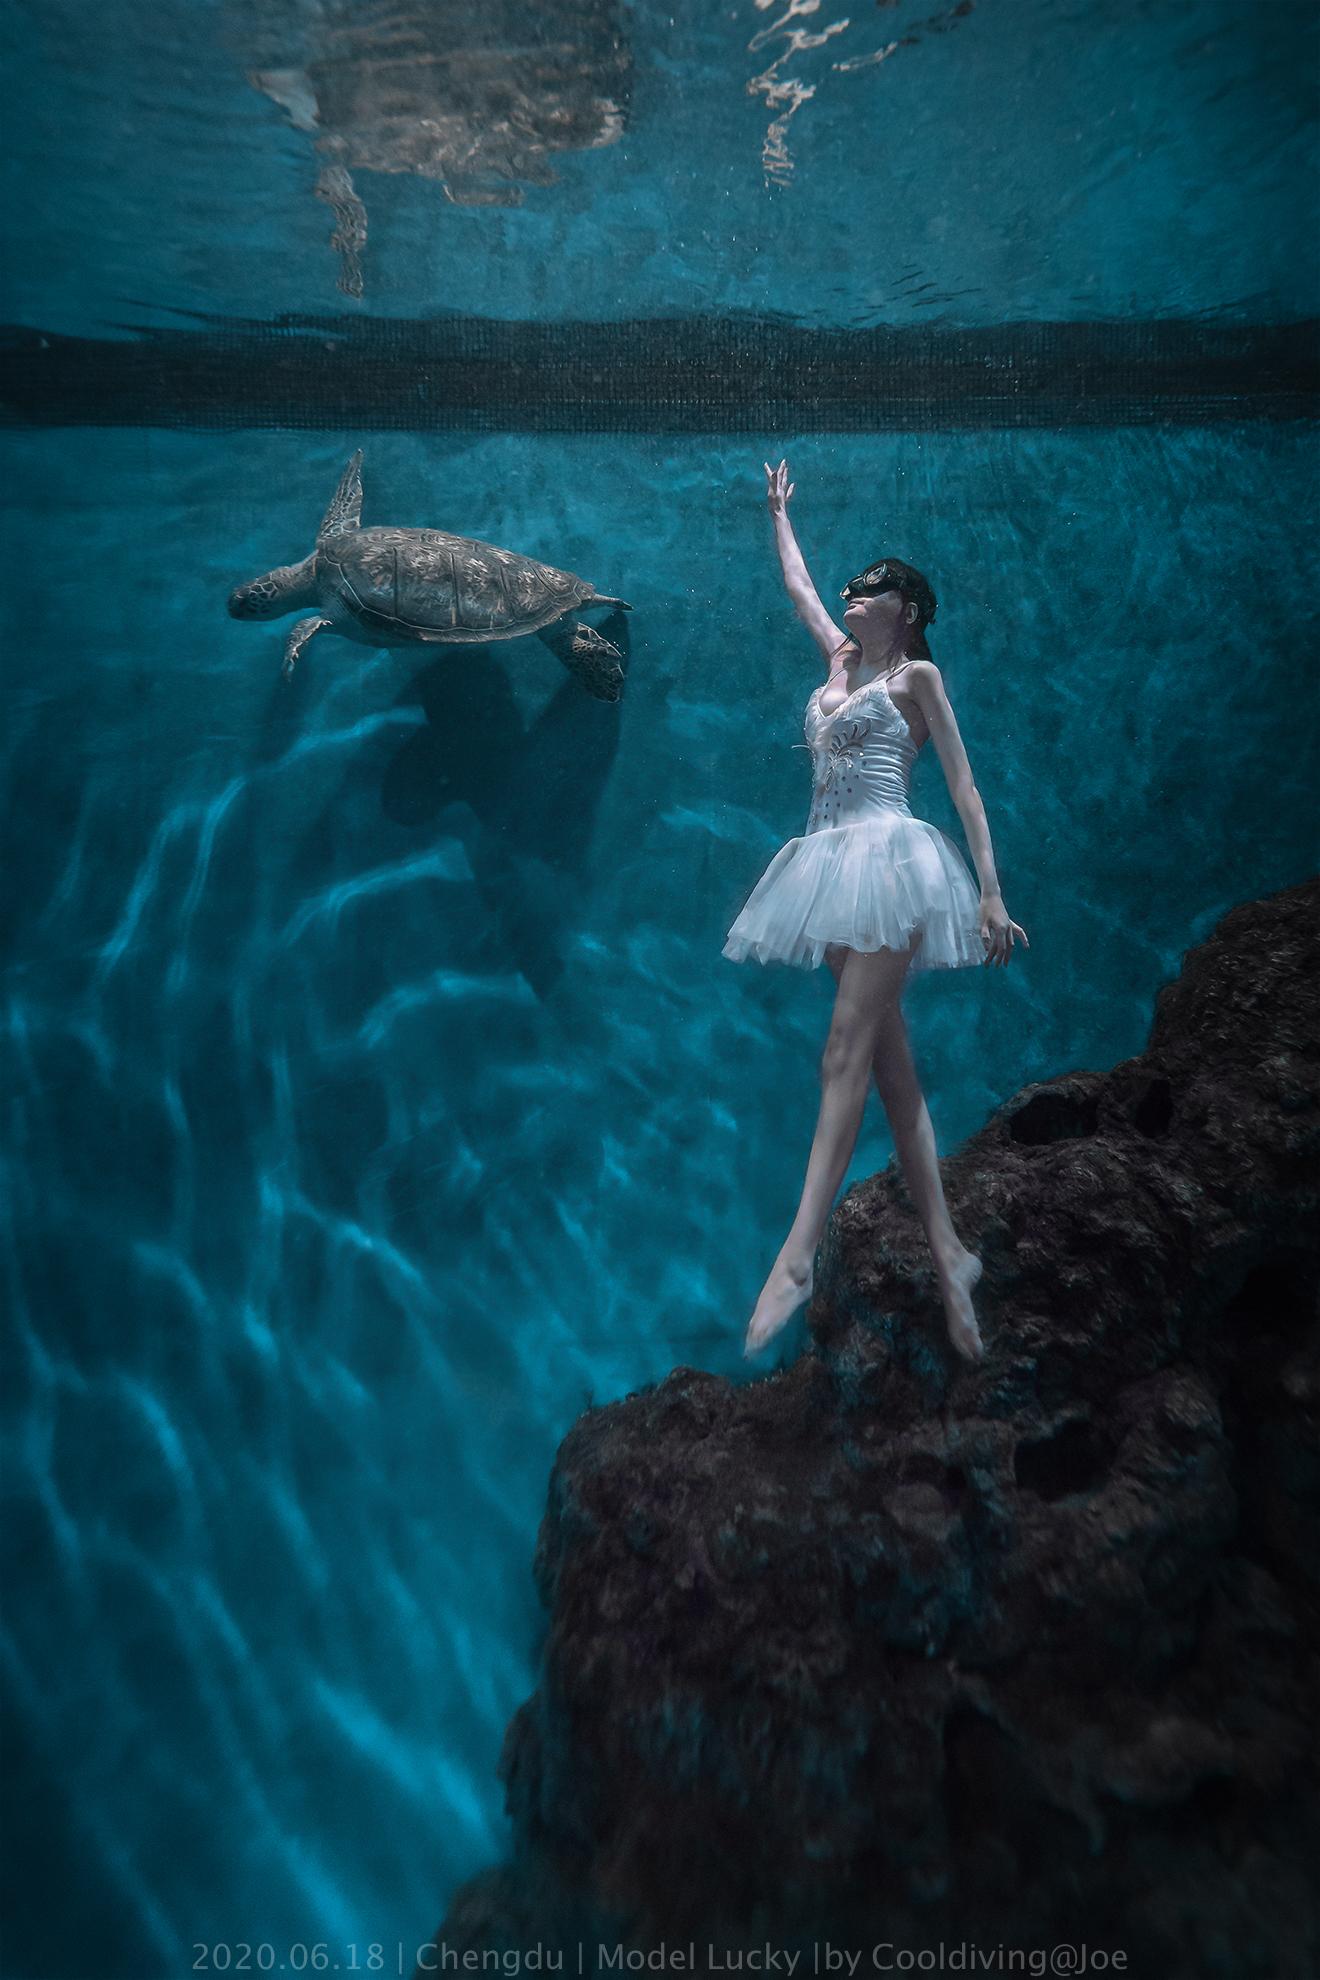 水下芭蕾,艺术照片,小姐姐美照,摆拍